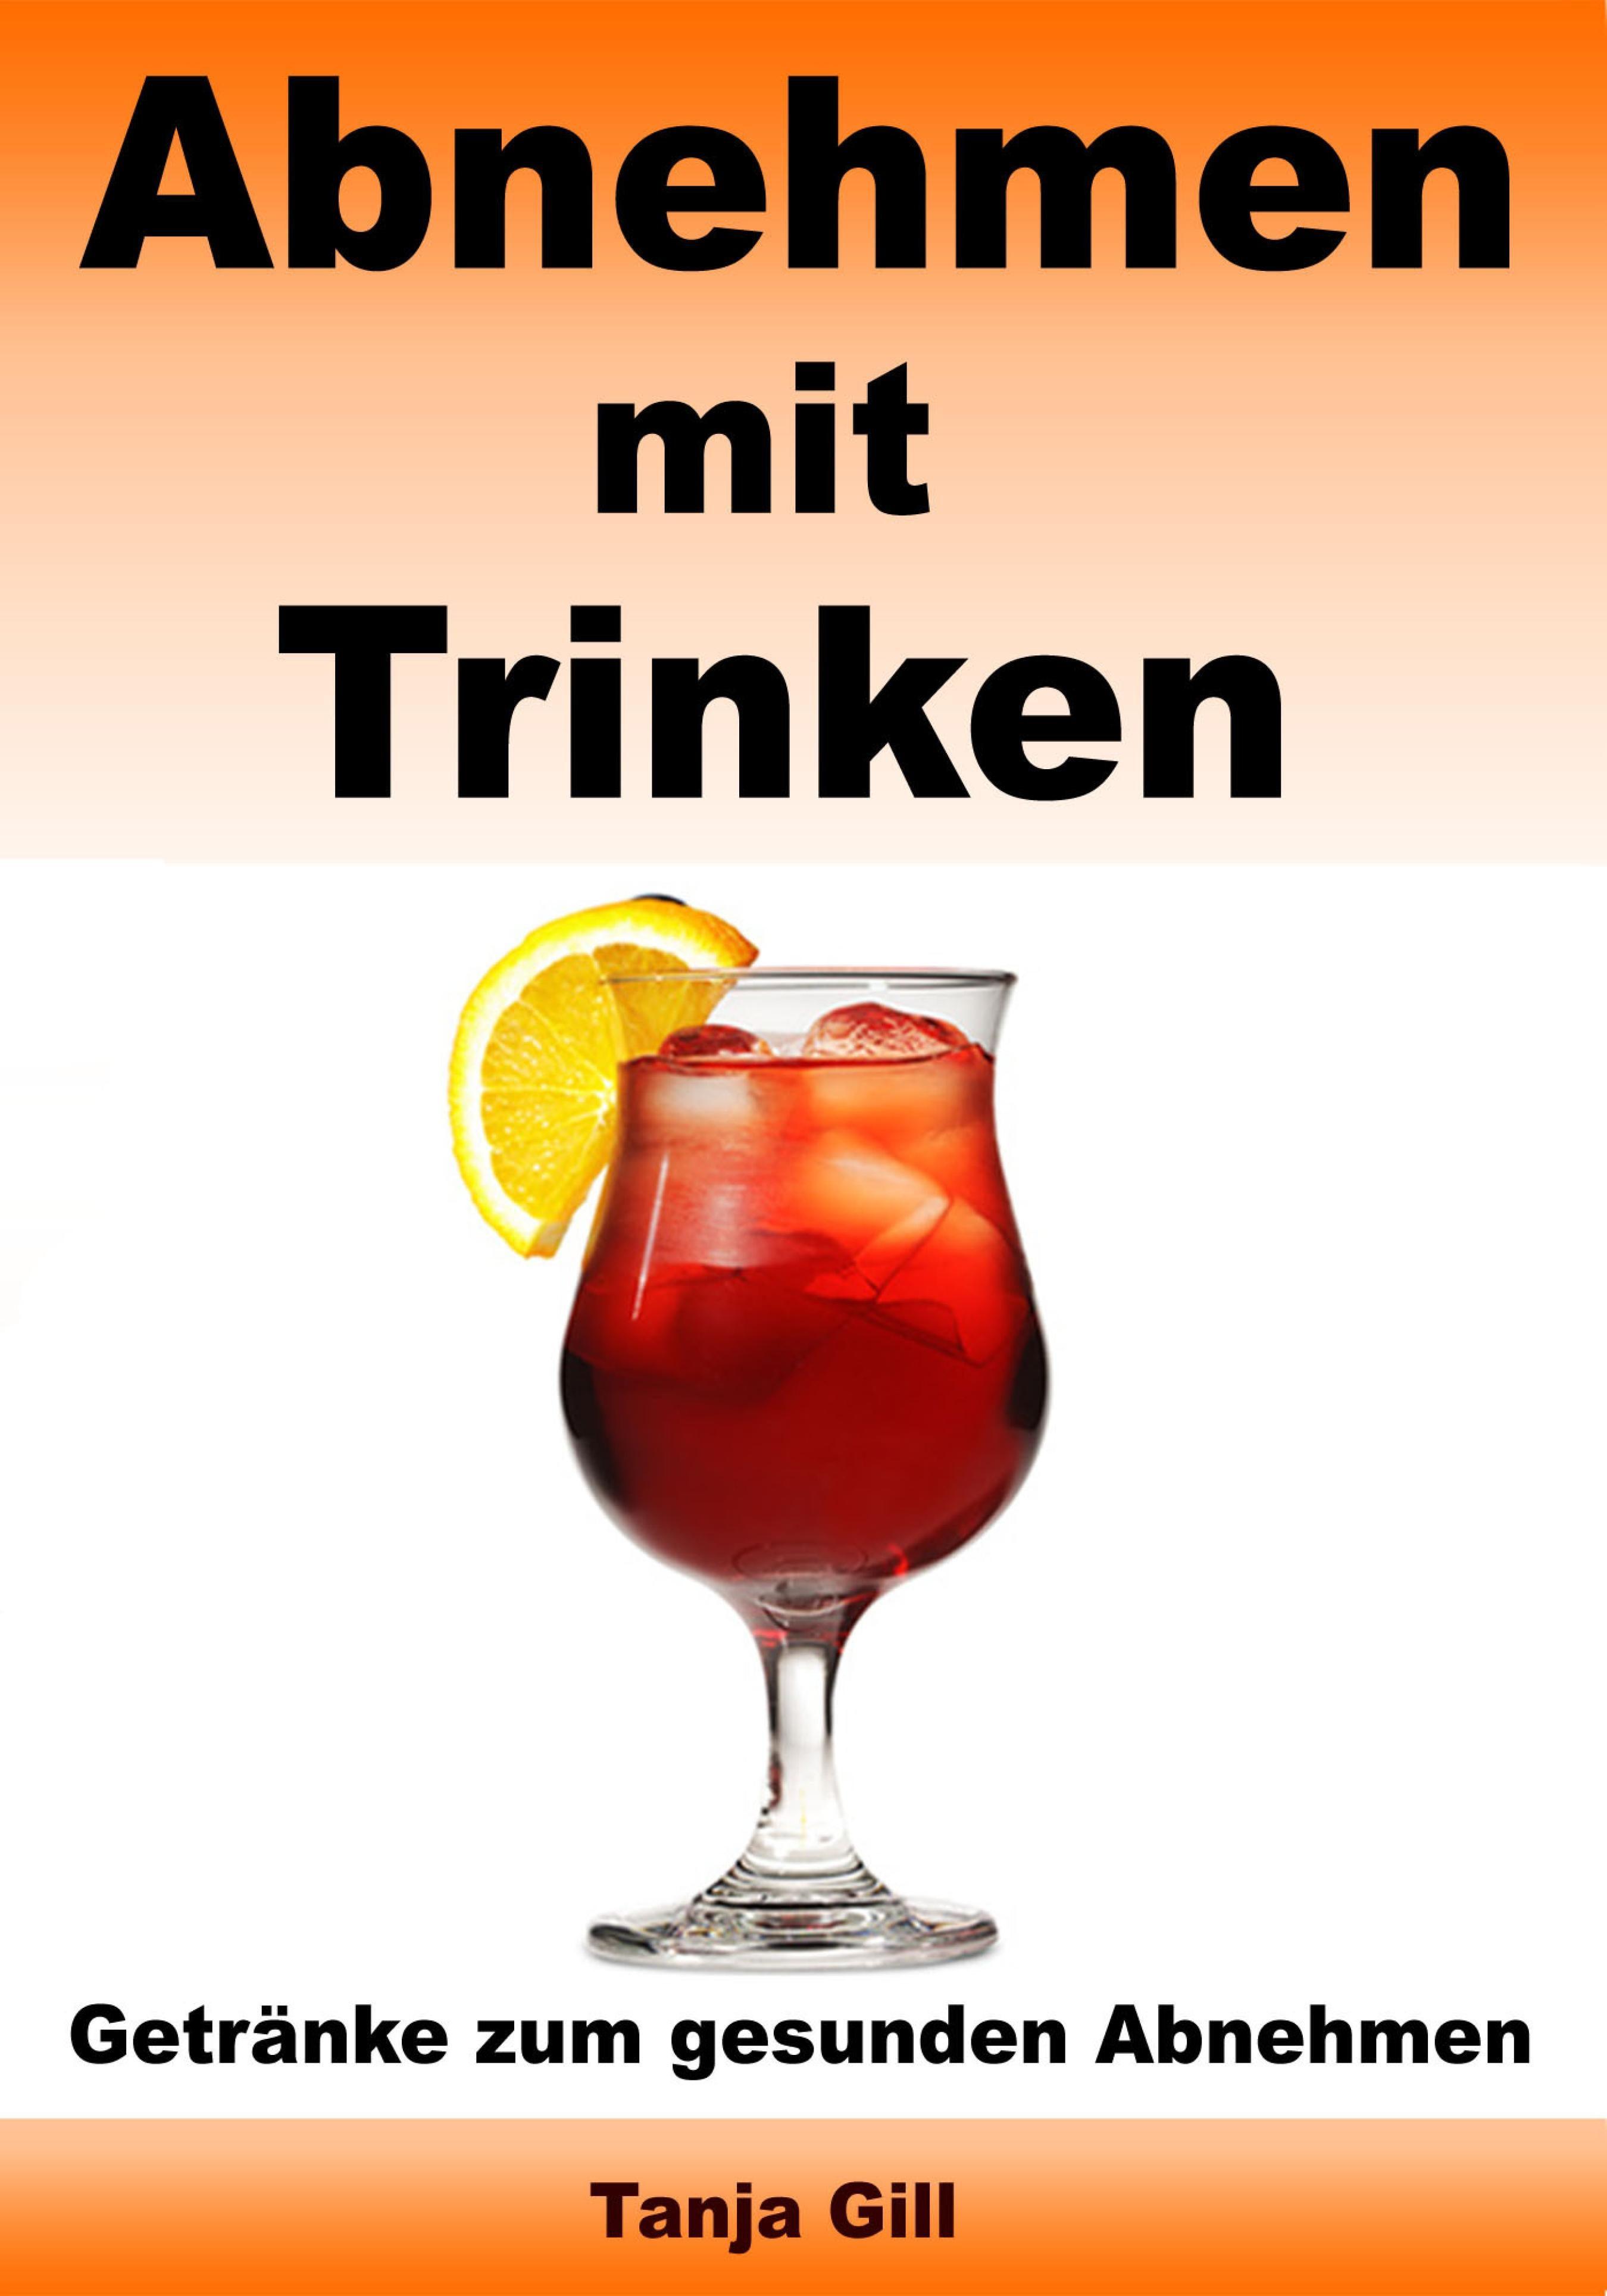 ABNEHMEN MIT TRINKEN - GETRÄNKE ZUM GESUNDEN ABNEHMEN EBOOK   TANJA ...